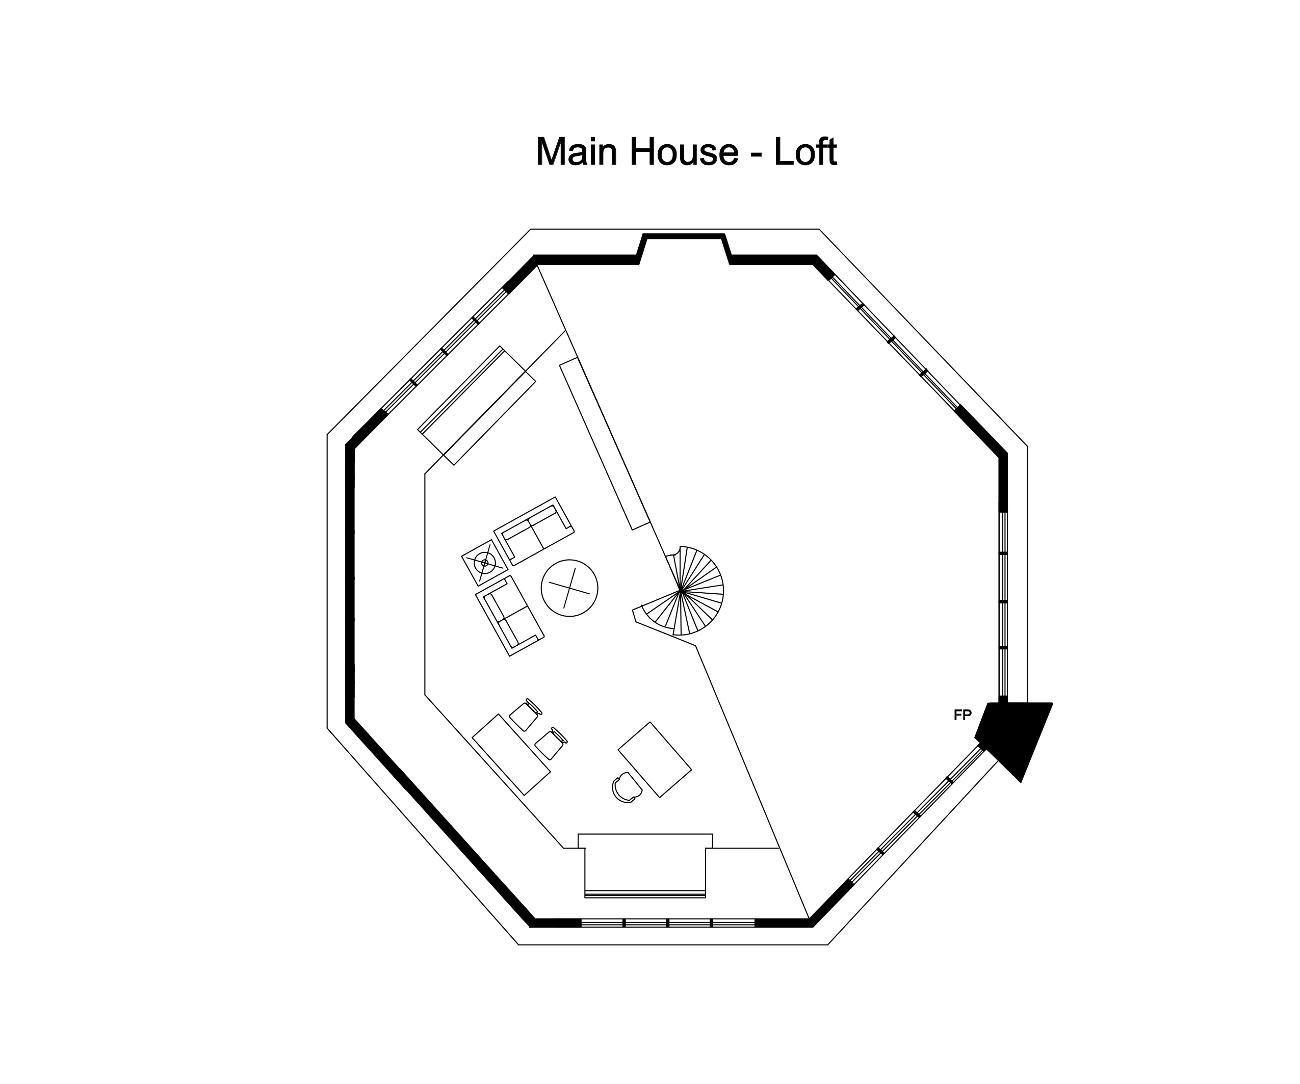 Main house loft